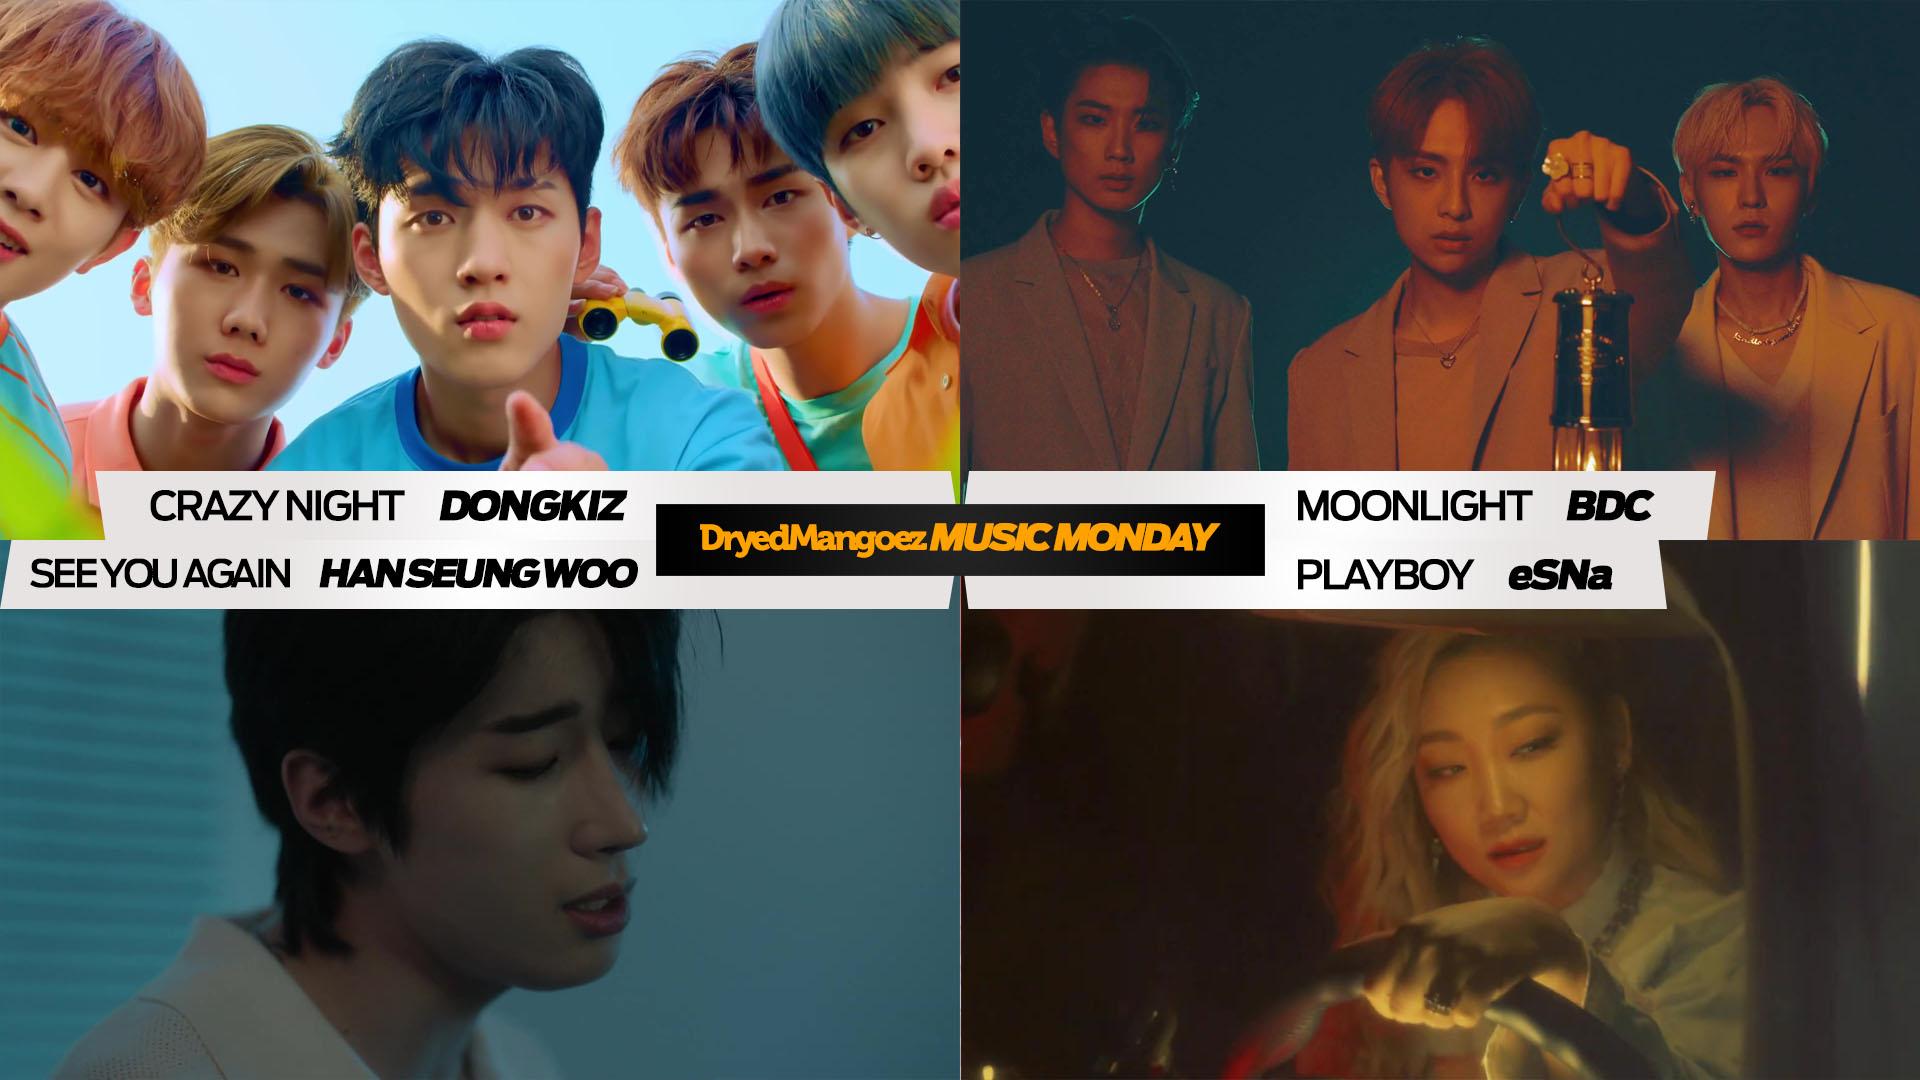 Music Monday, July 5, 2021 (Part 2) – Great comebacks from DONGKIZ, BDC, Han Seung Woo, eSNa